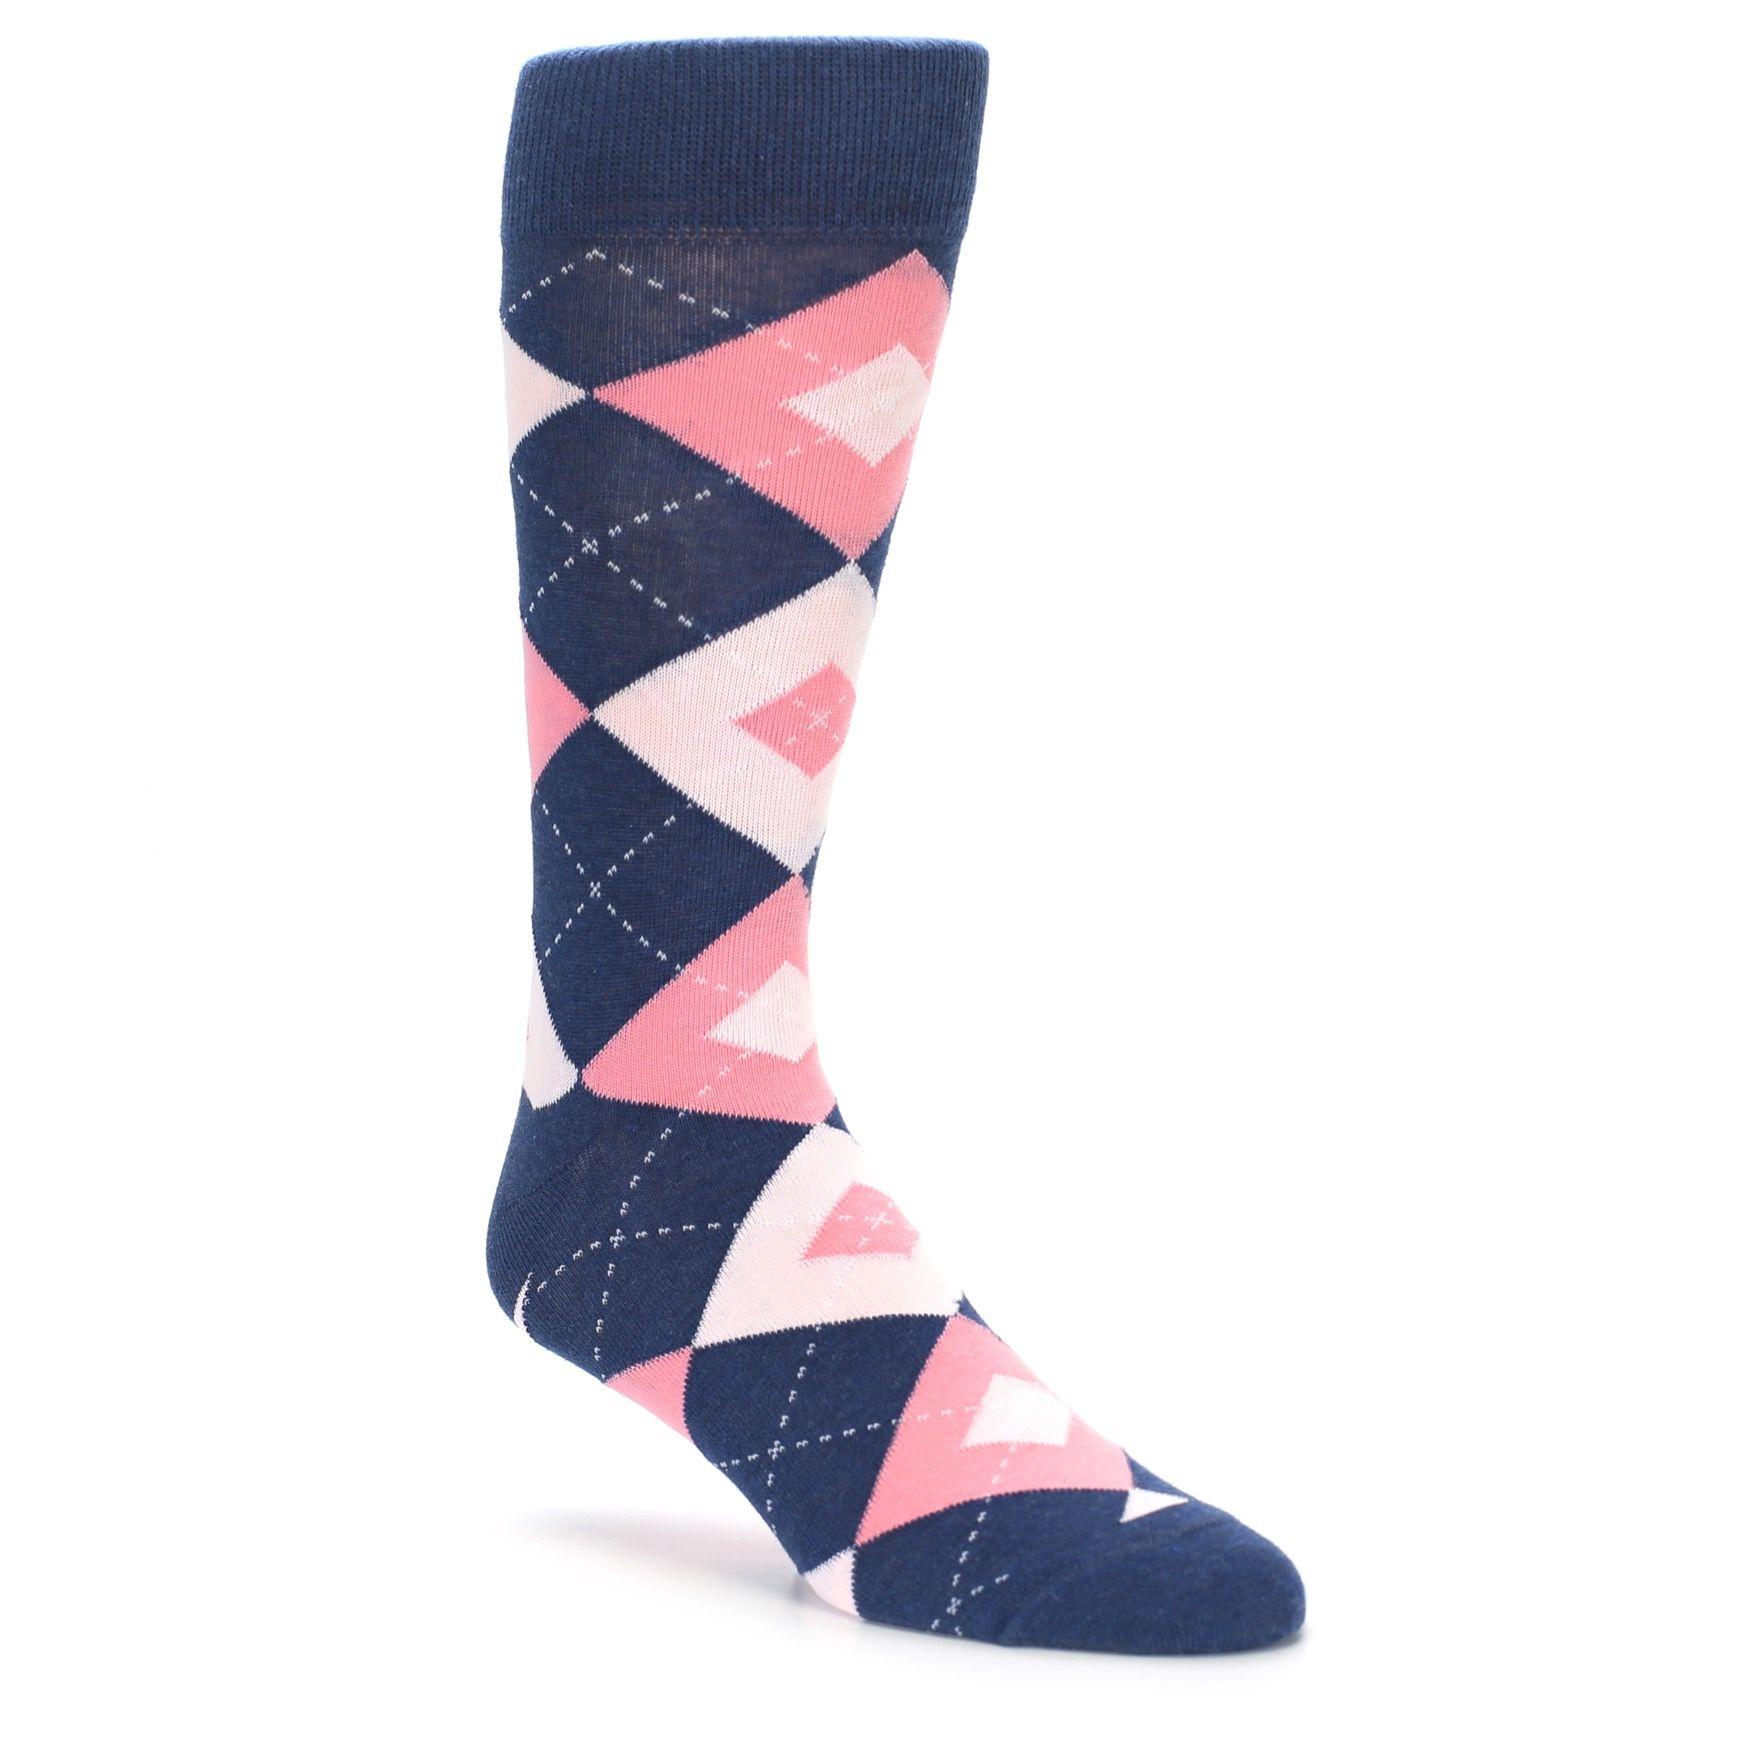 Men Socks| Gift Socks| Cool Socks Women Socks Funky Socks Wedding Socks|Grooms men socks |Thank You Gift|Dress Socks |Novelty Socks